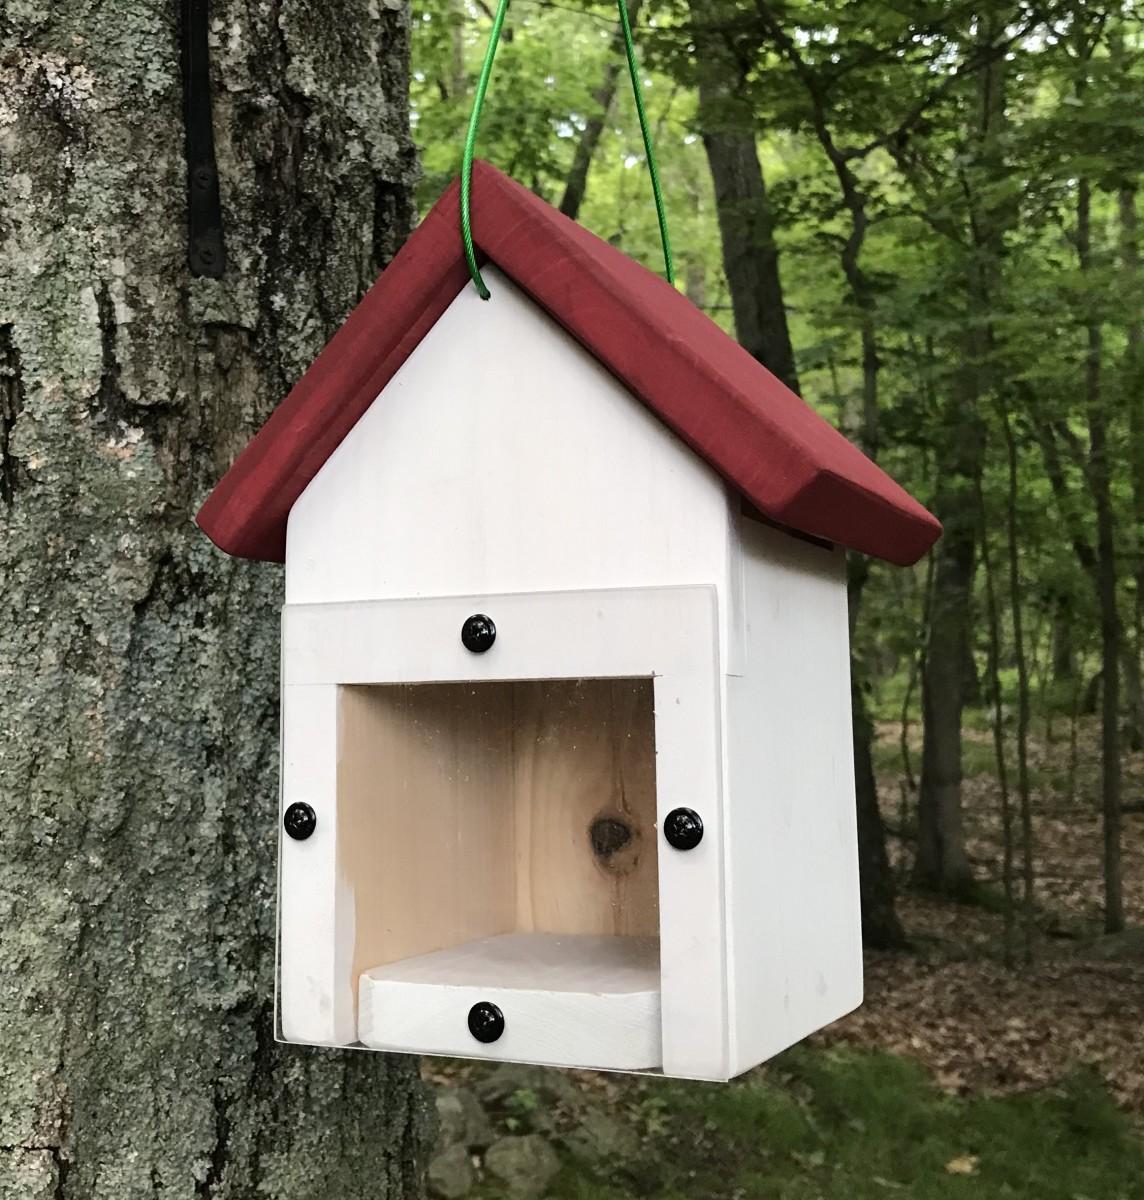 Spy Window Nest Box (rear view)